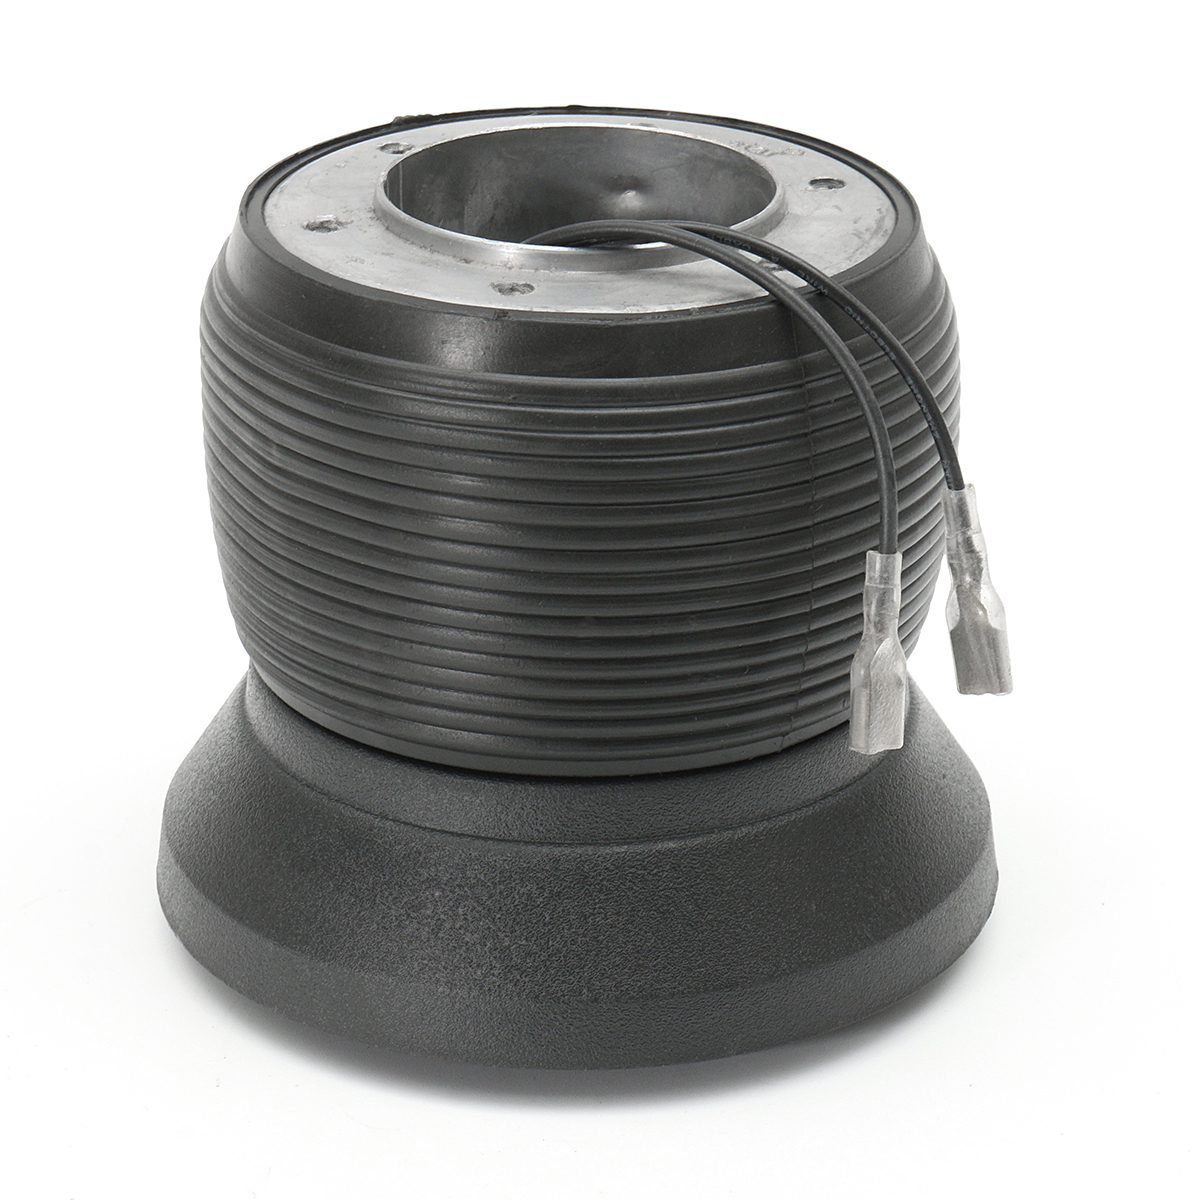 21mm Steering Wheel Hub Boss Adapter Screw 120x 100mm For Mercede Benz W123 W126